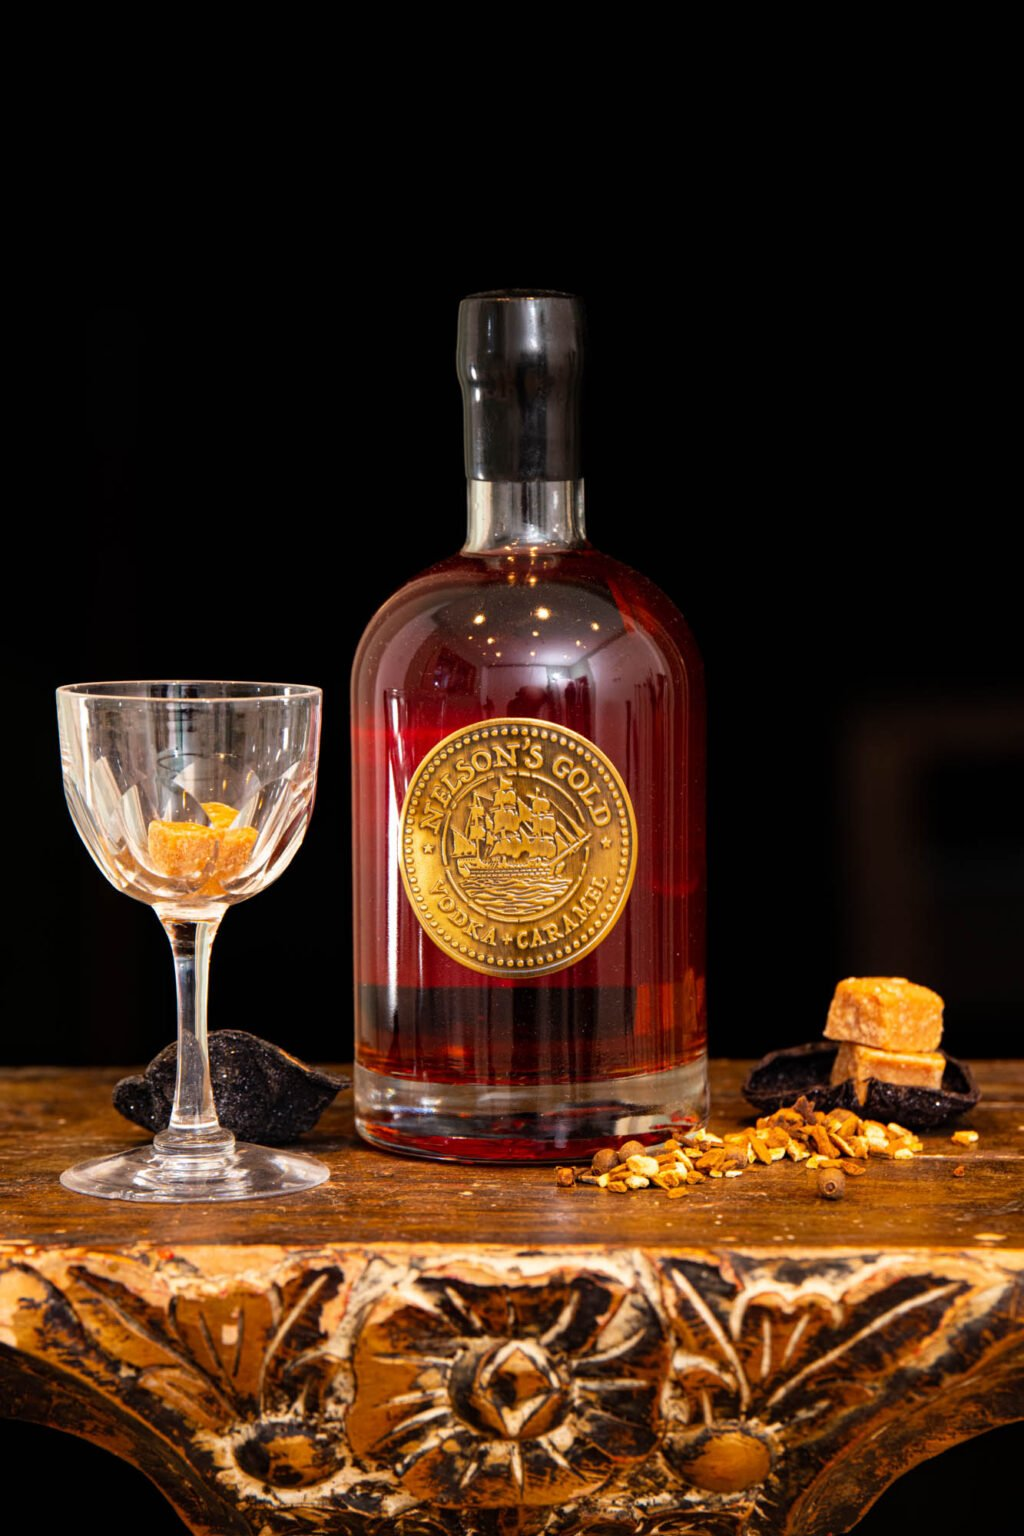 Nelson's Gold caramelised Vodka